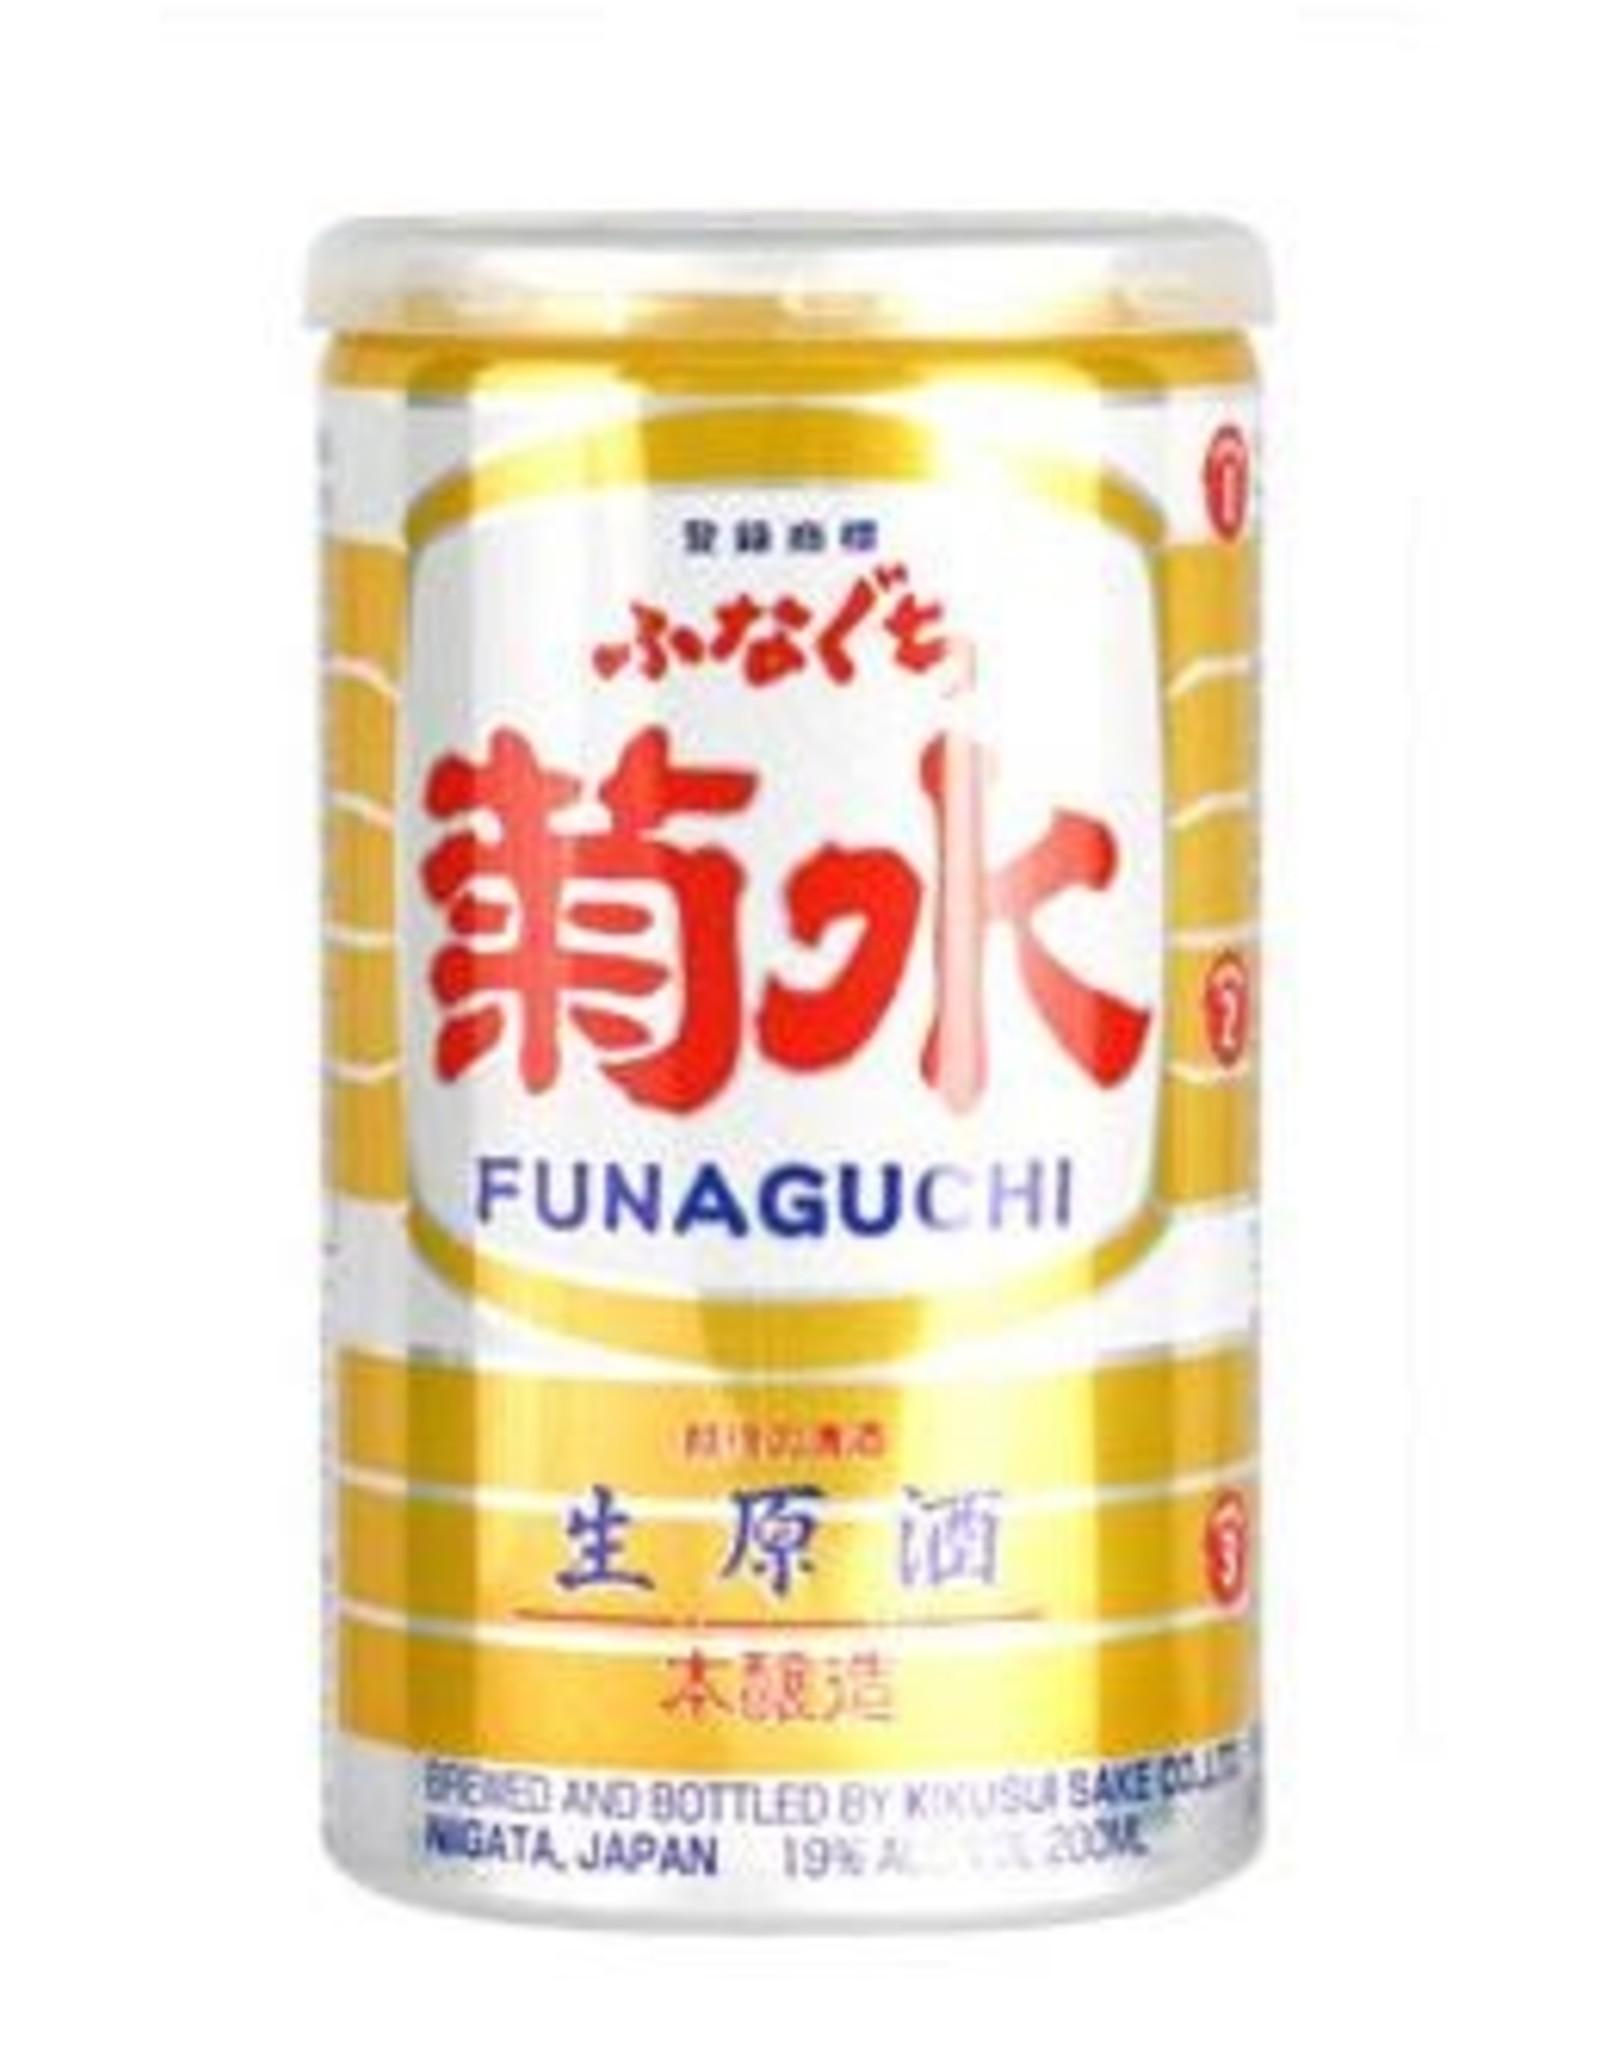 Funaguchi Kikusui Sake Can